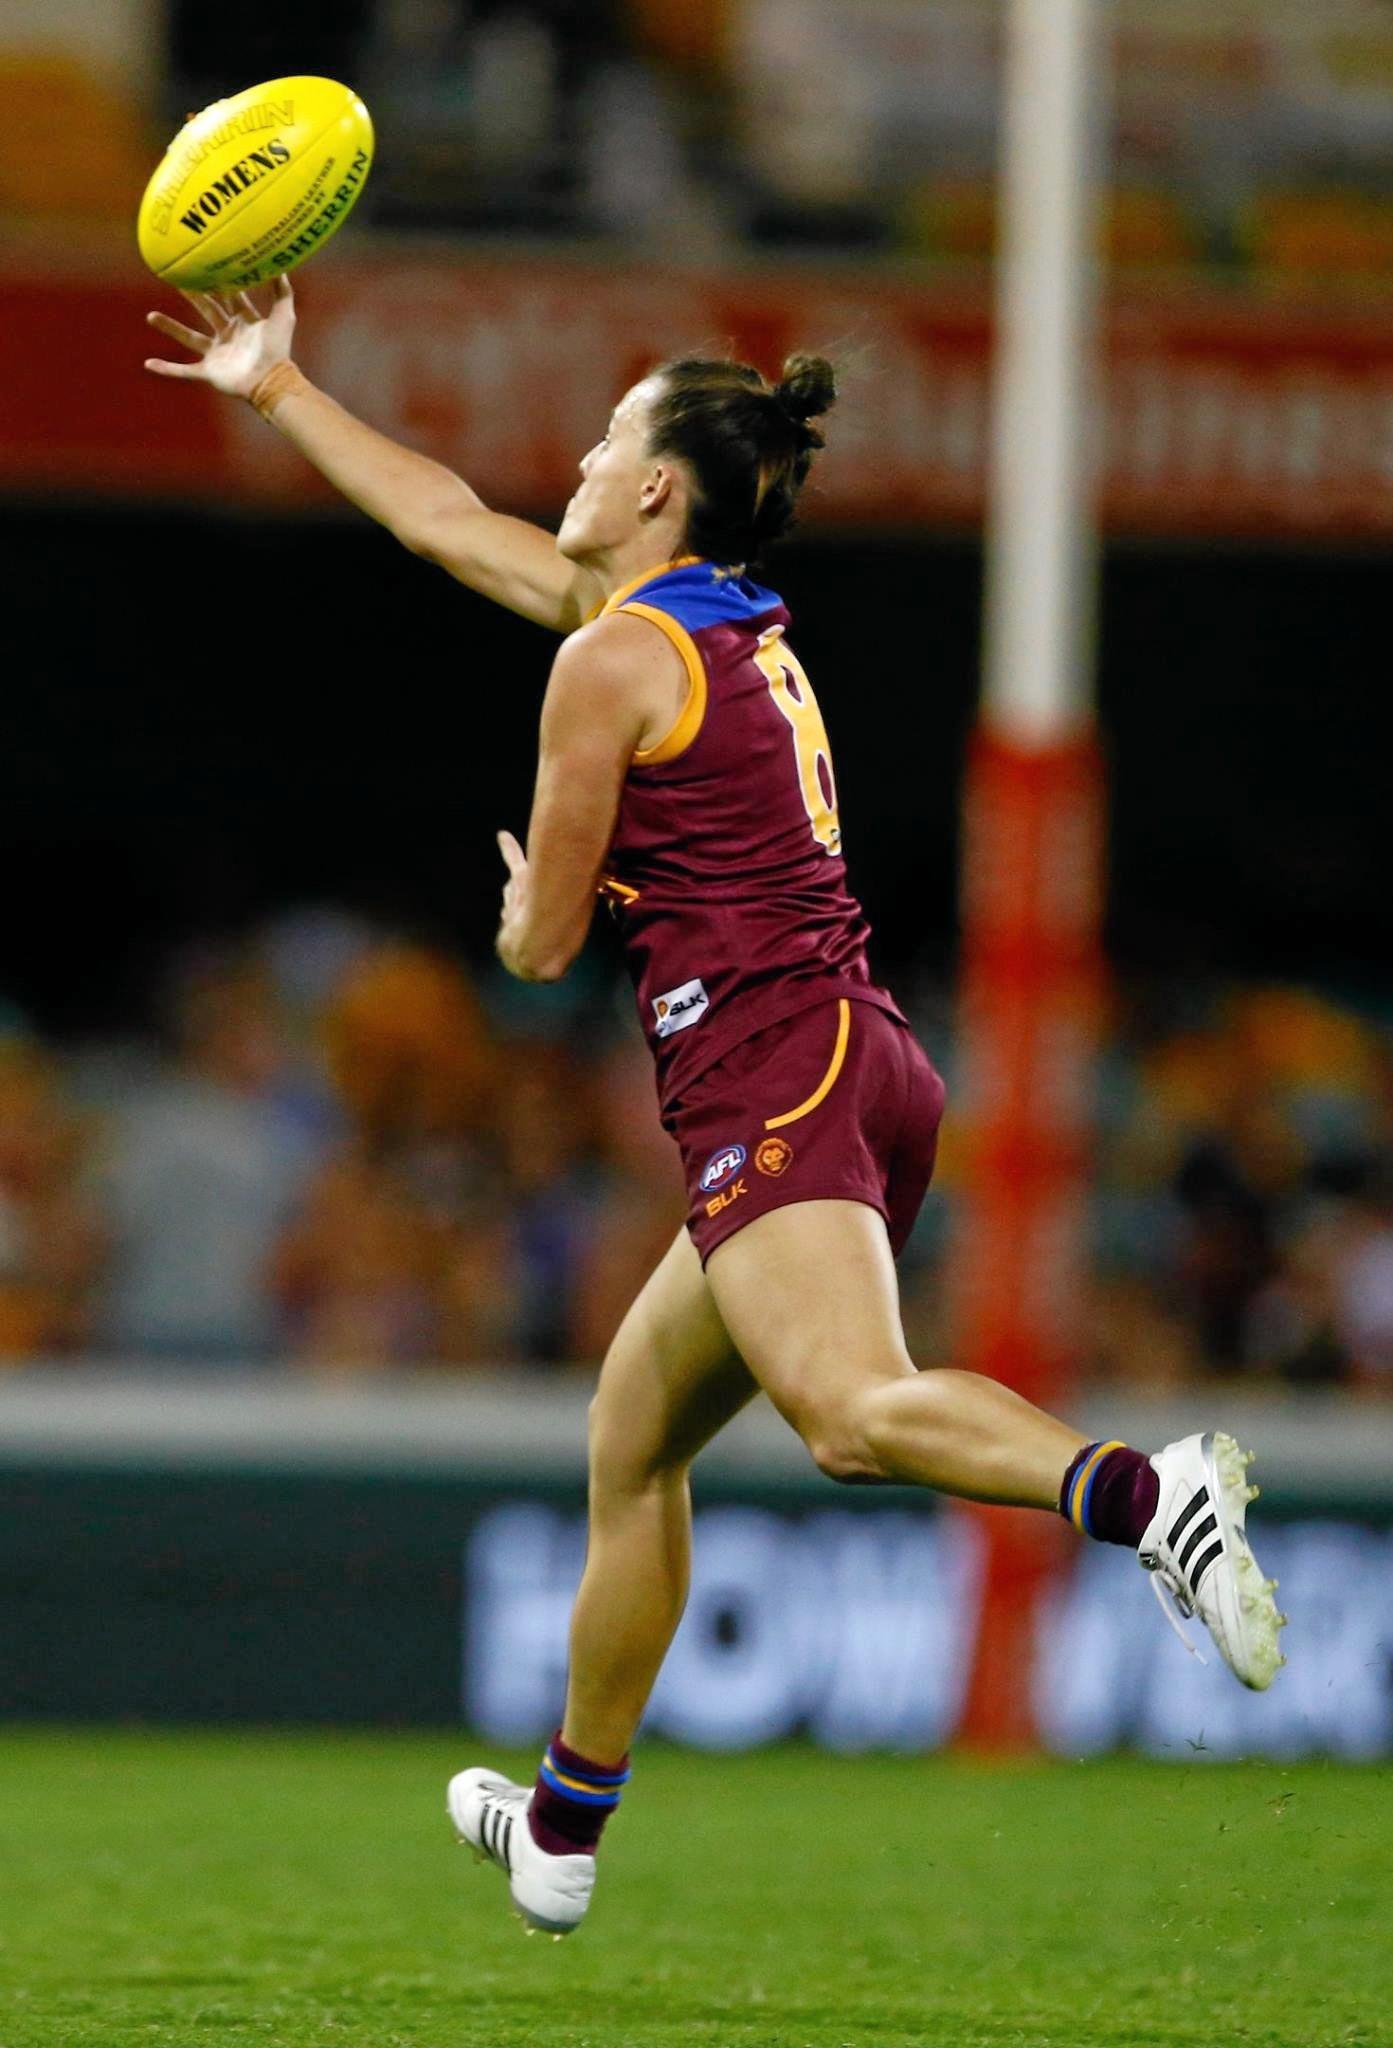 Bundy's Emma Zielke is Brisbane's captain.